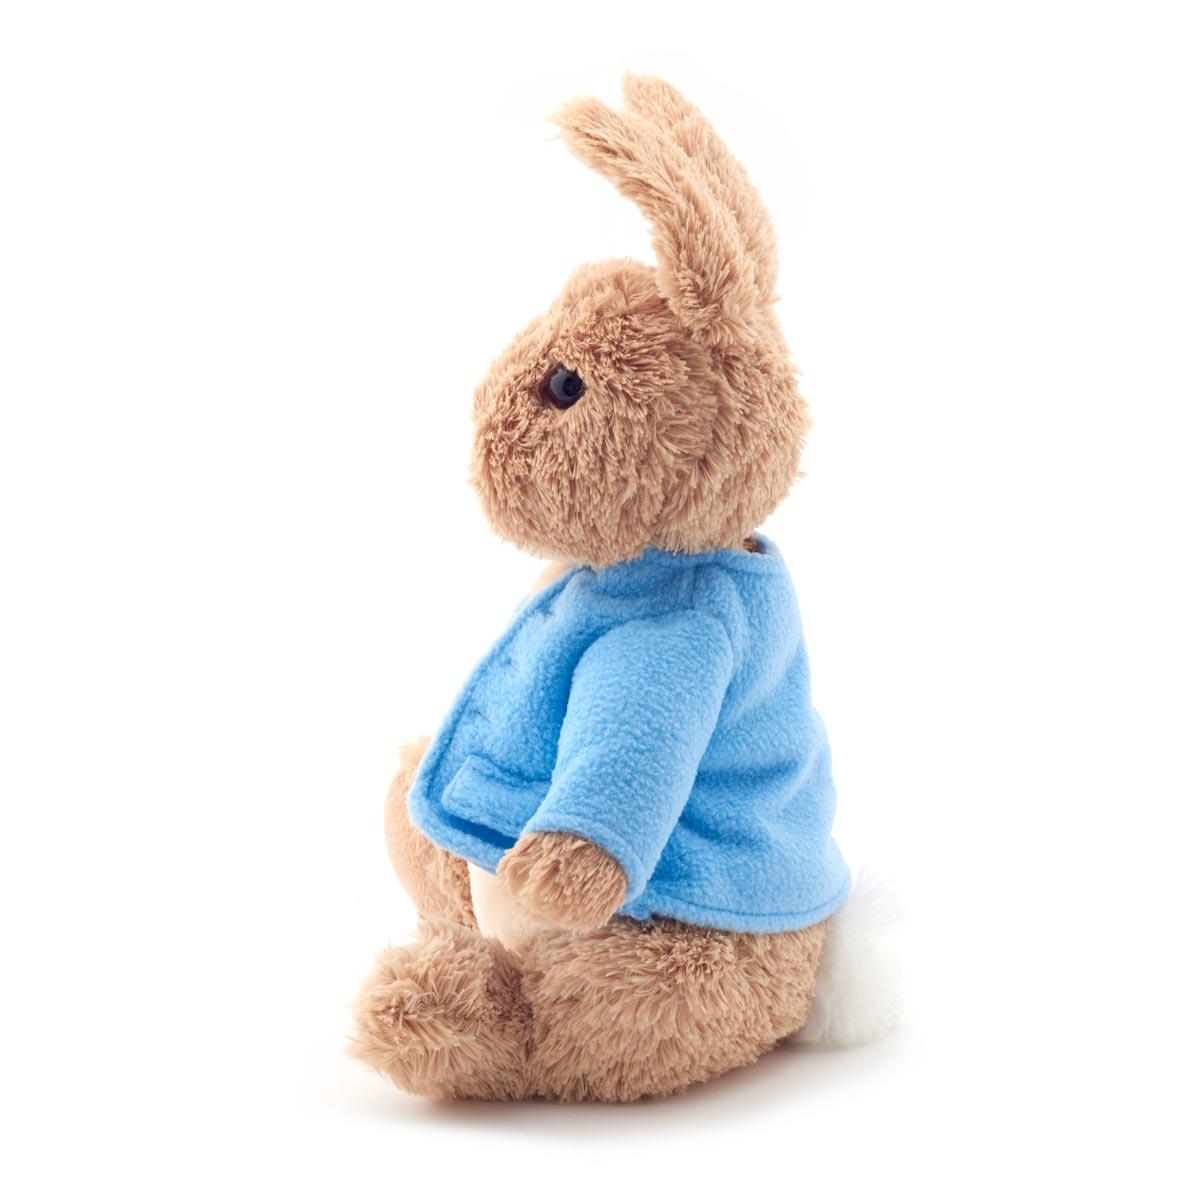 Peter Rabbit Plush Toy Large